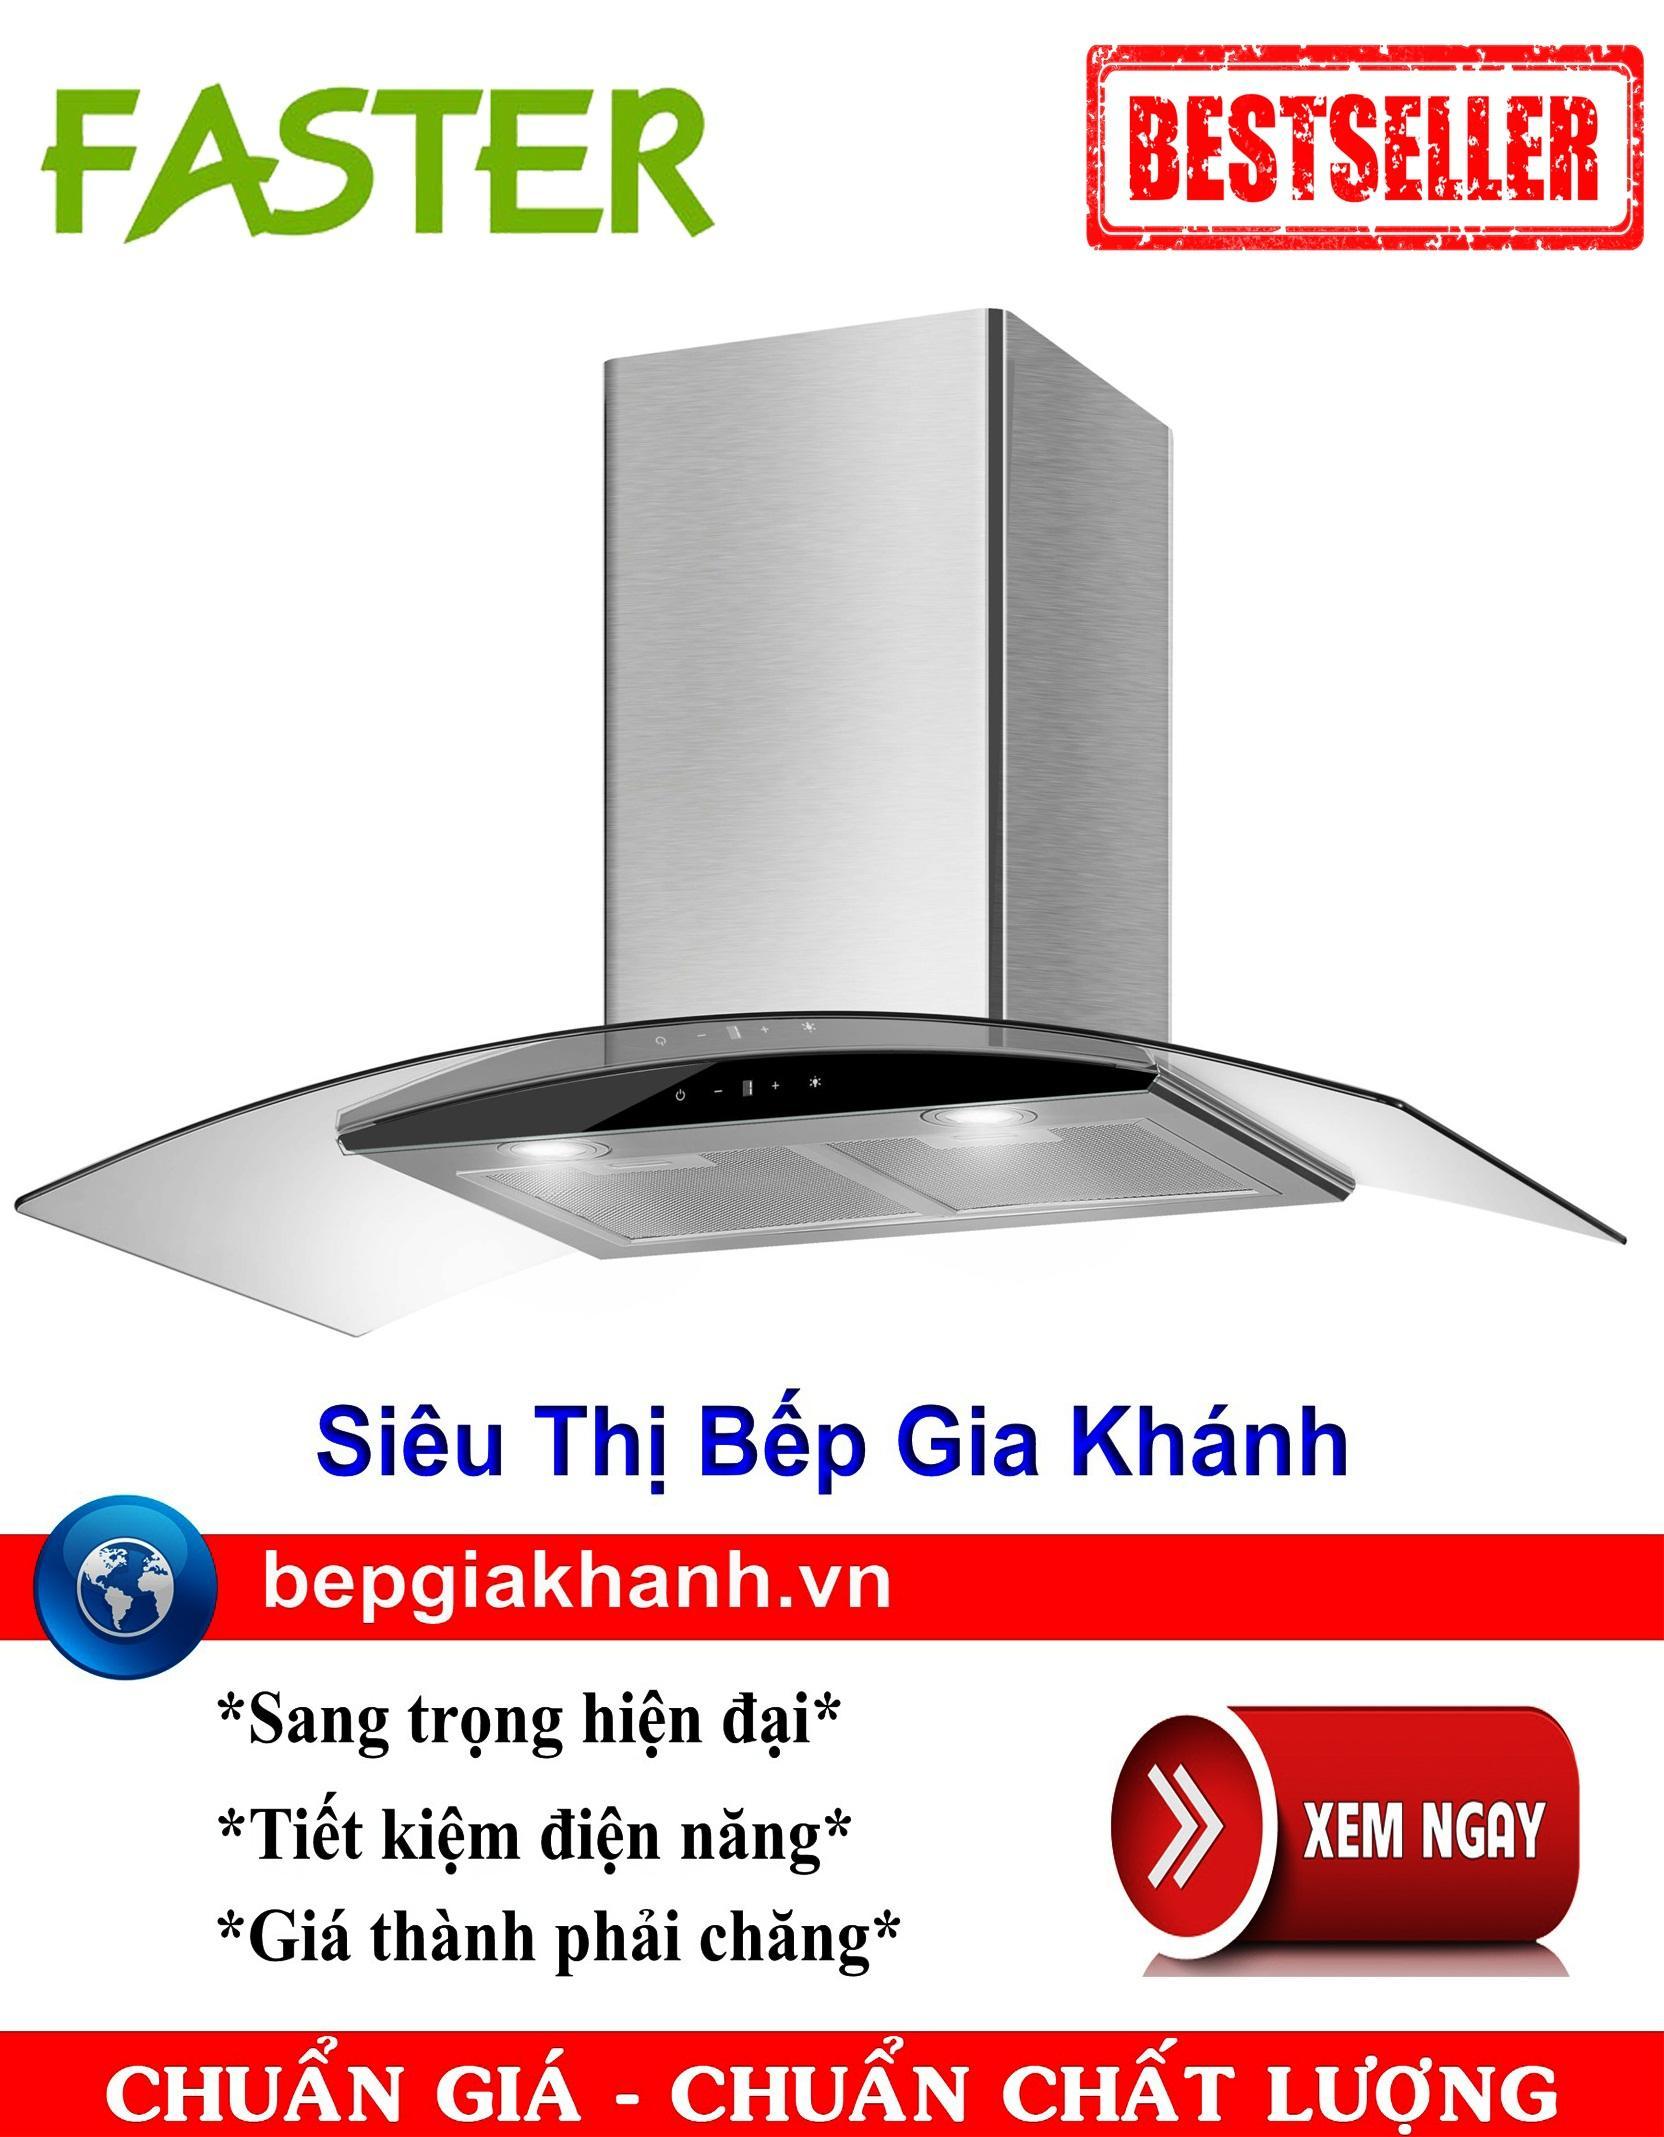 Máy hút mùi nhà bếp dạng kính cong 70cm Faster FS 3388CH1 70, máy hút mùi, máy hút khói, máy hút khói khử mùi, may hut mui, máy hút mùi bếp